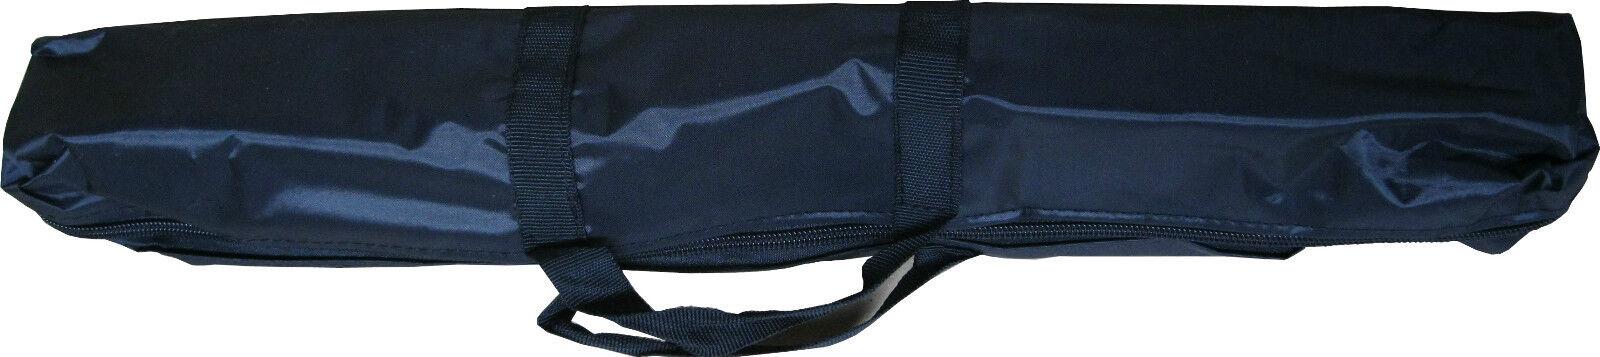 Notenständer/Notenpult mit Tasche!!-Höhe 50cm-124cm verstellbar,Schnäppchen-NS3n